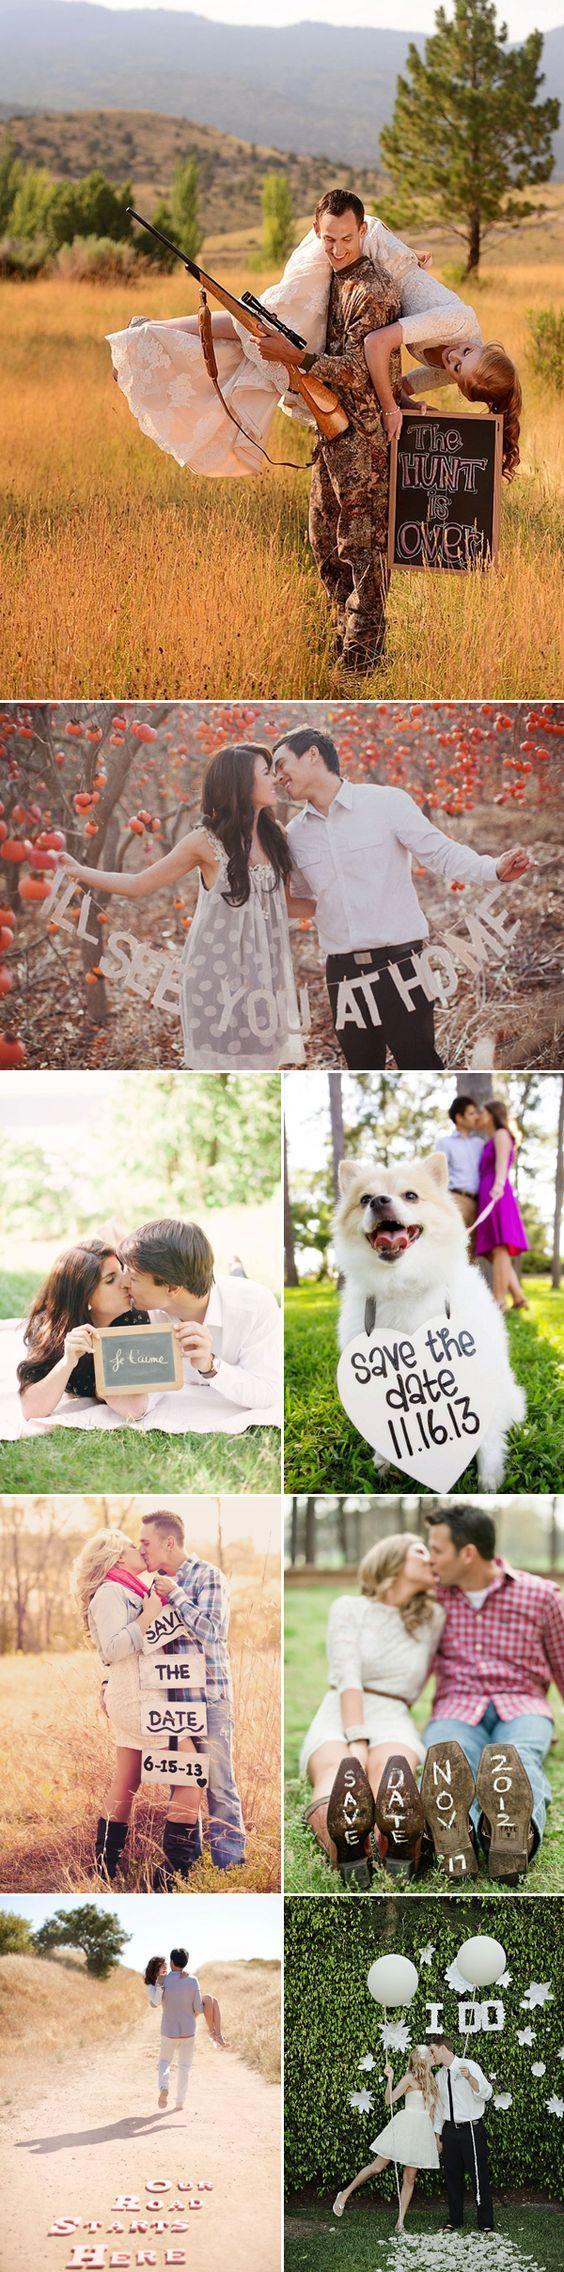 37 Fun Engagement photos: